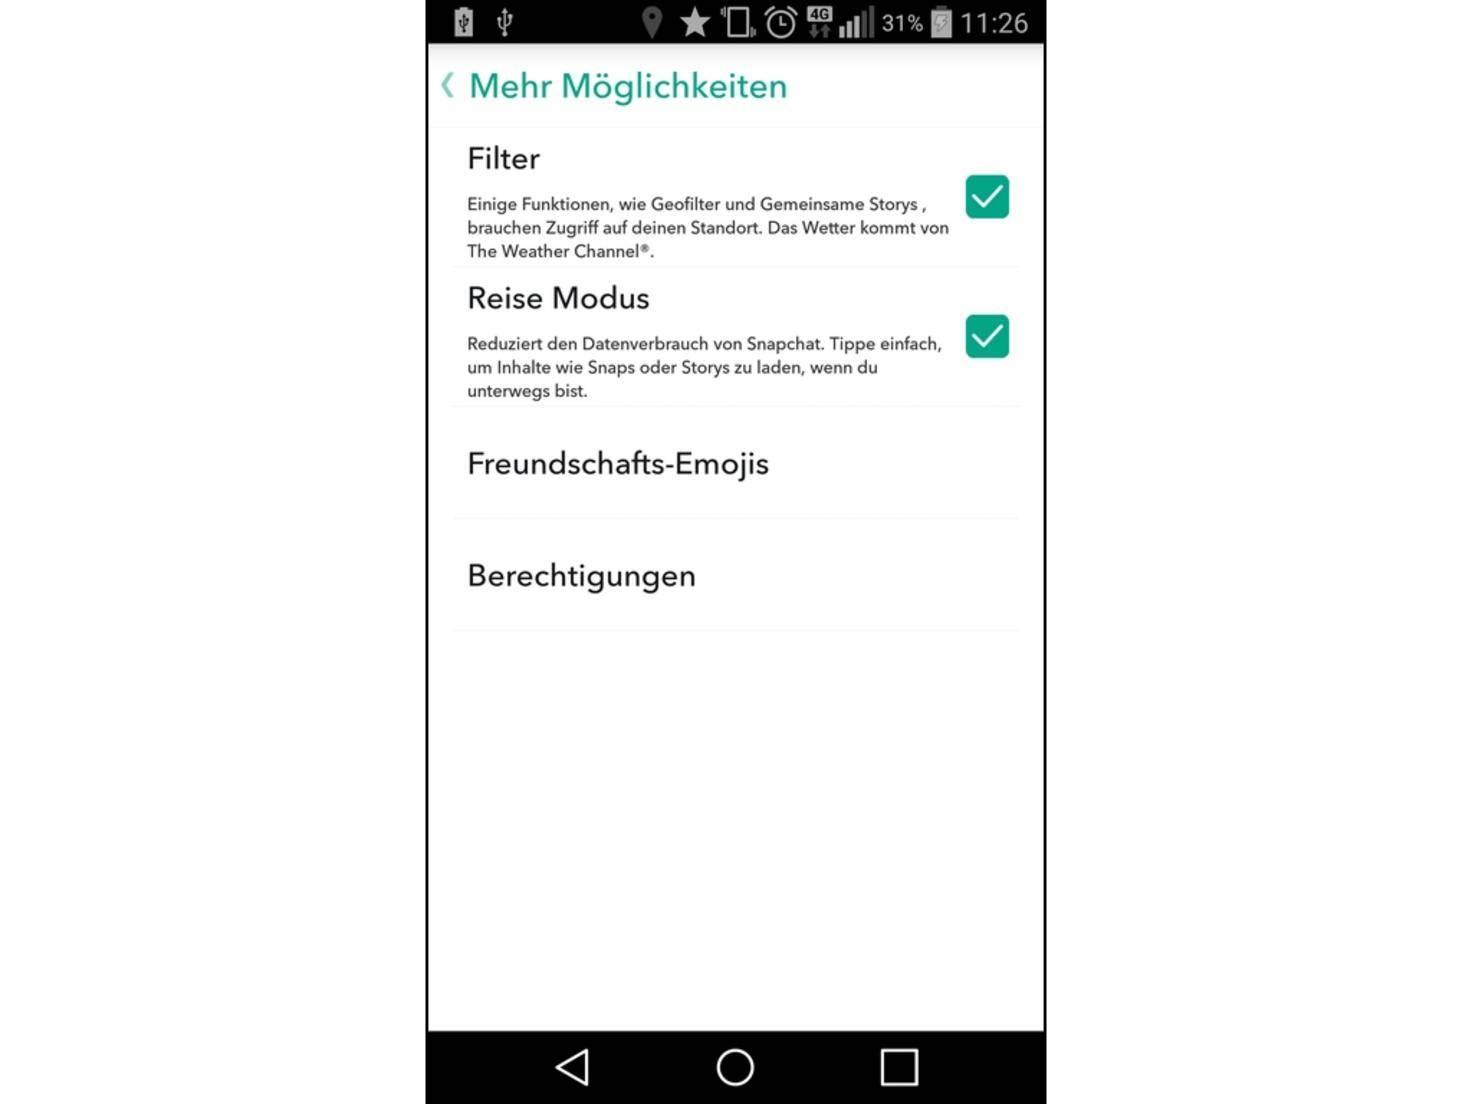 Snapchat_Datenverbrauch